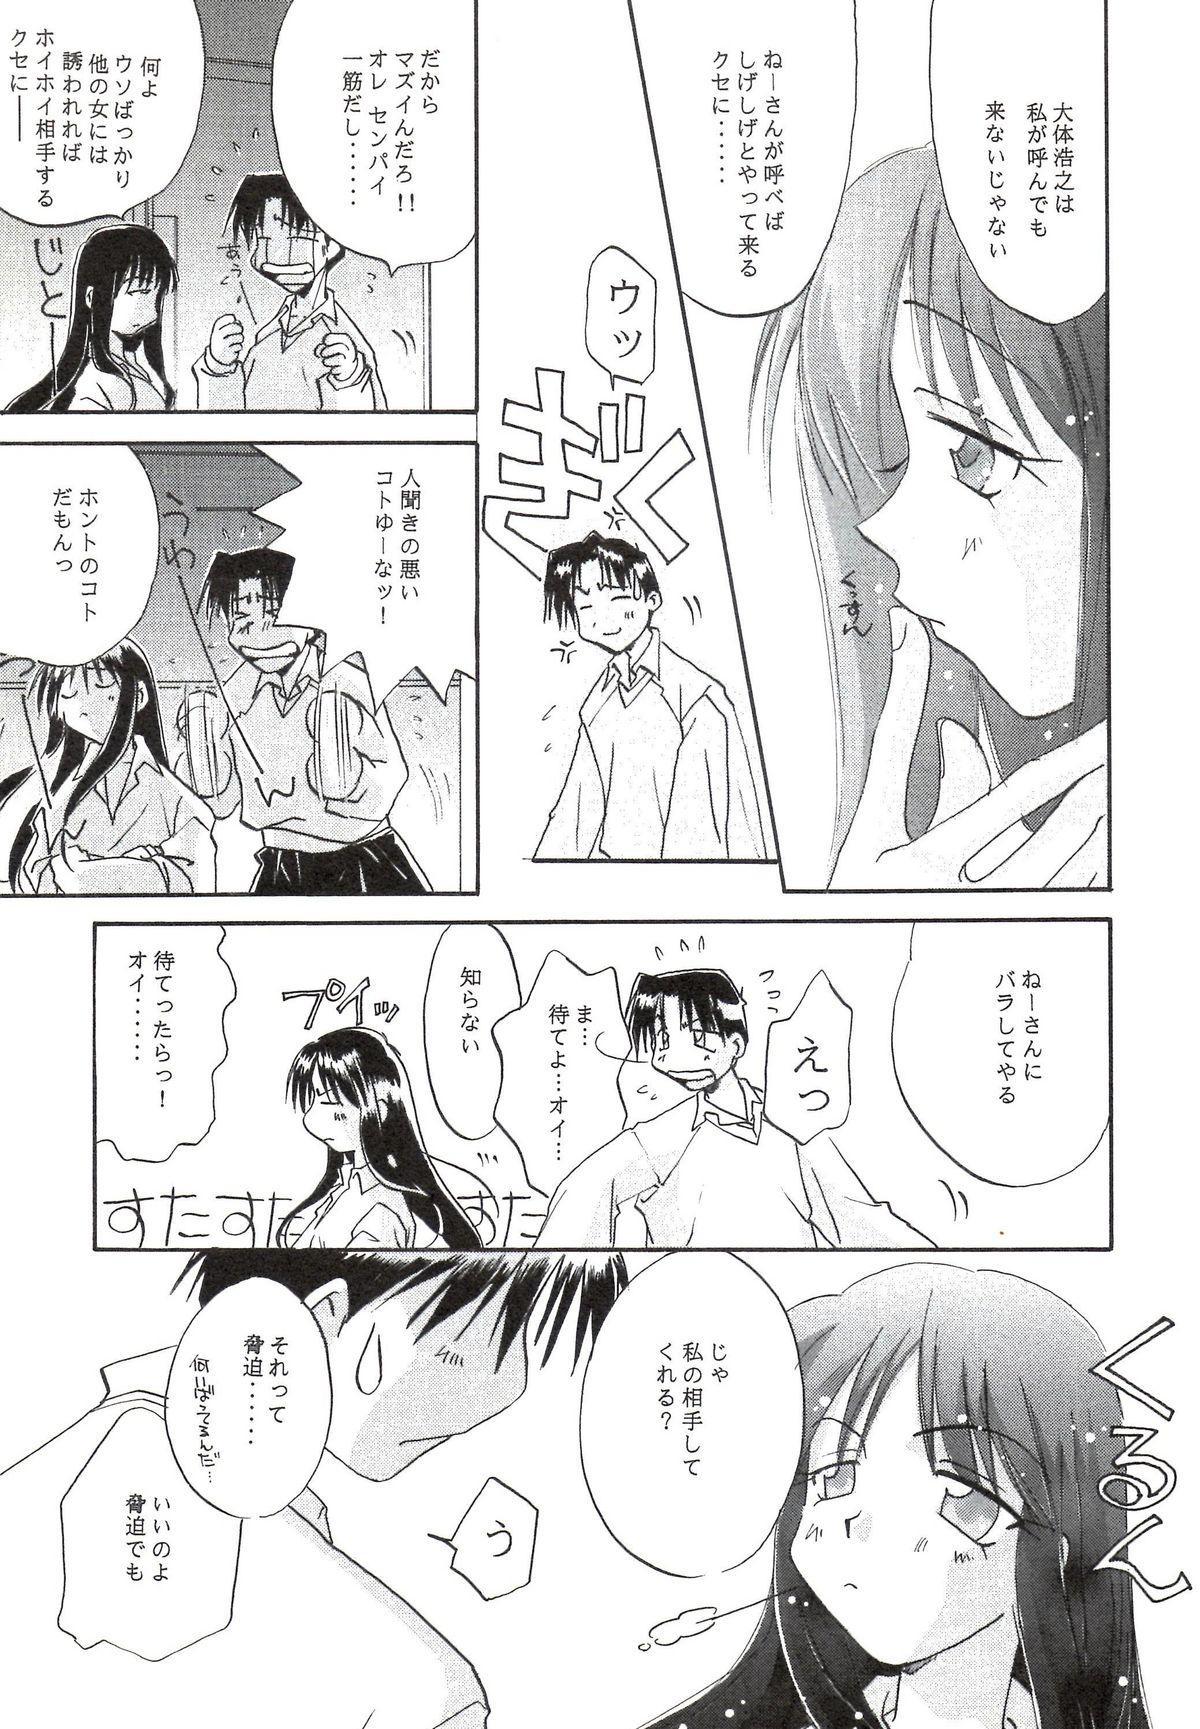 Sakura no Sono 22